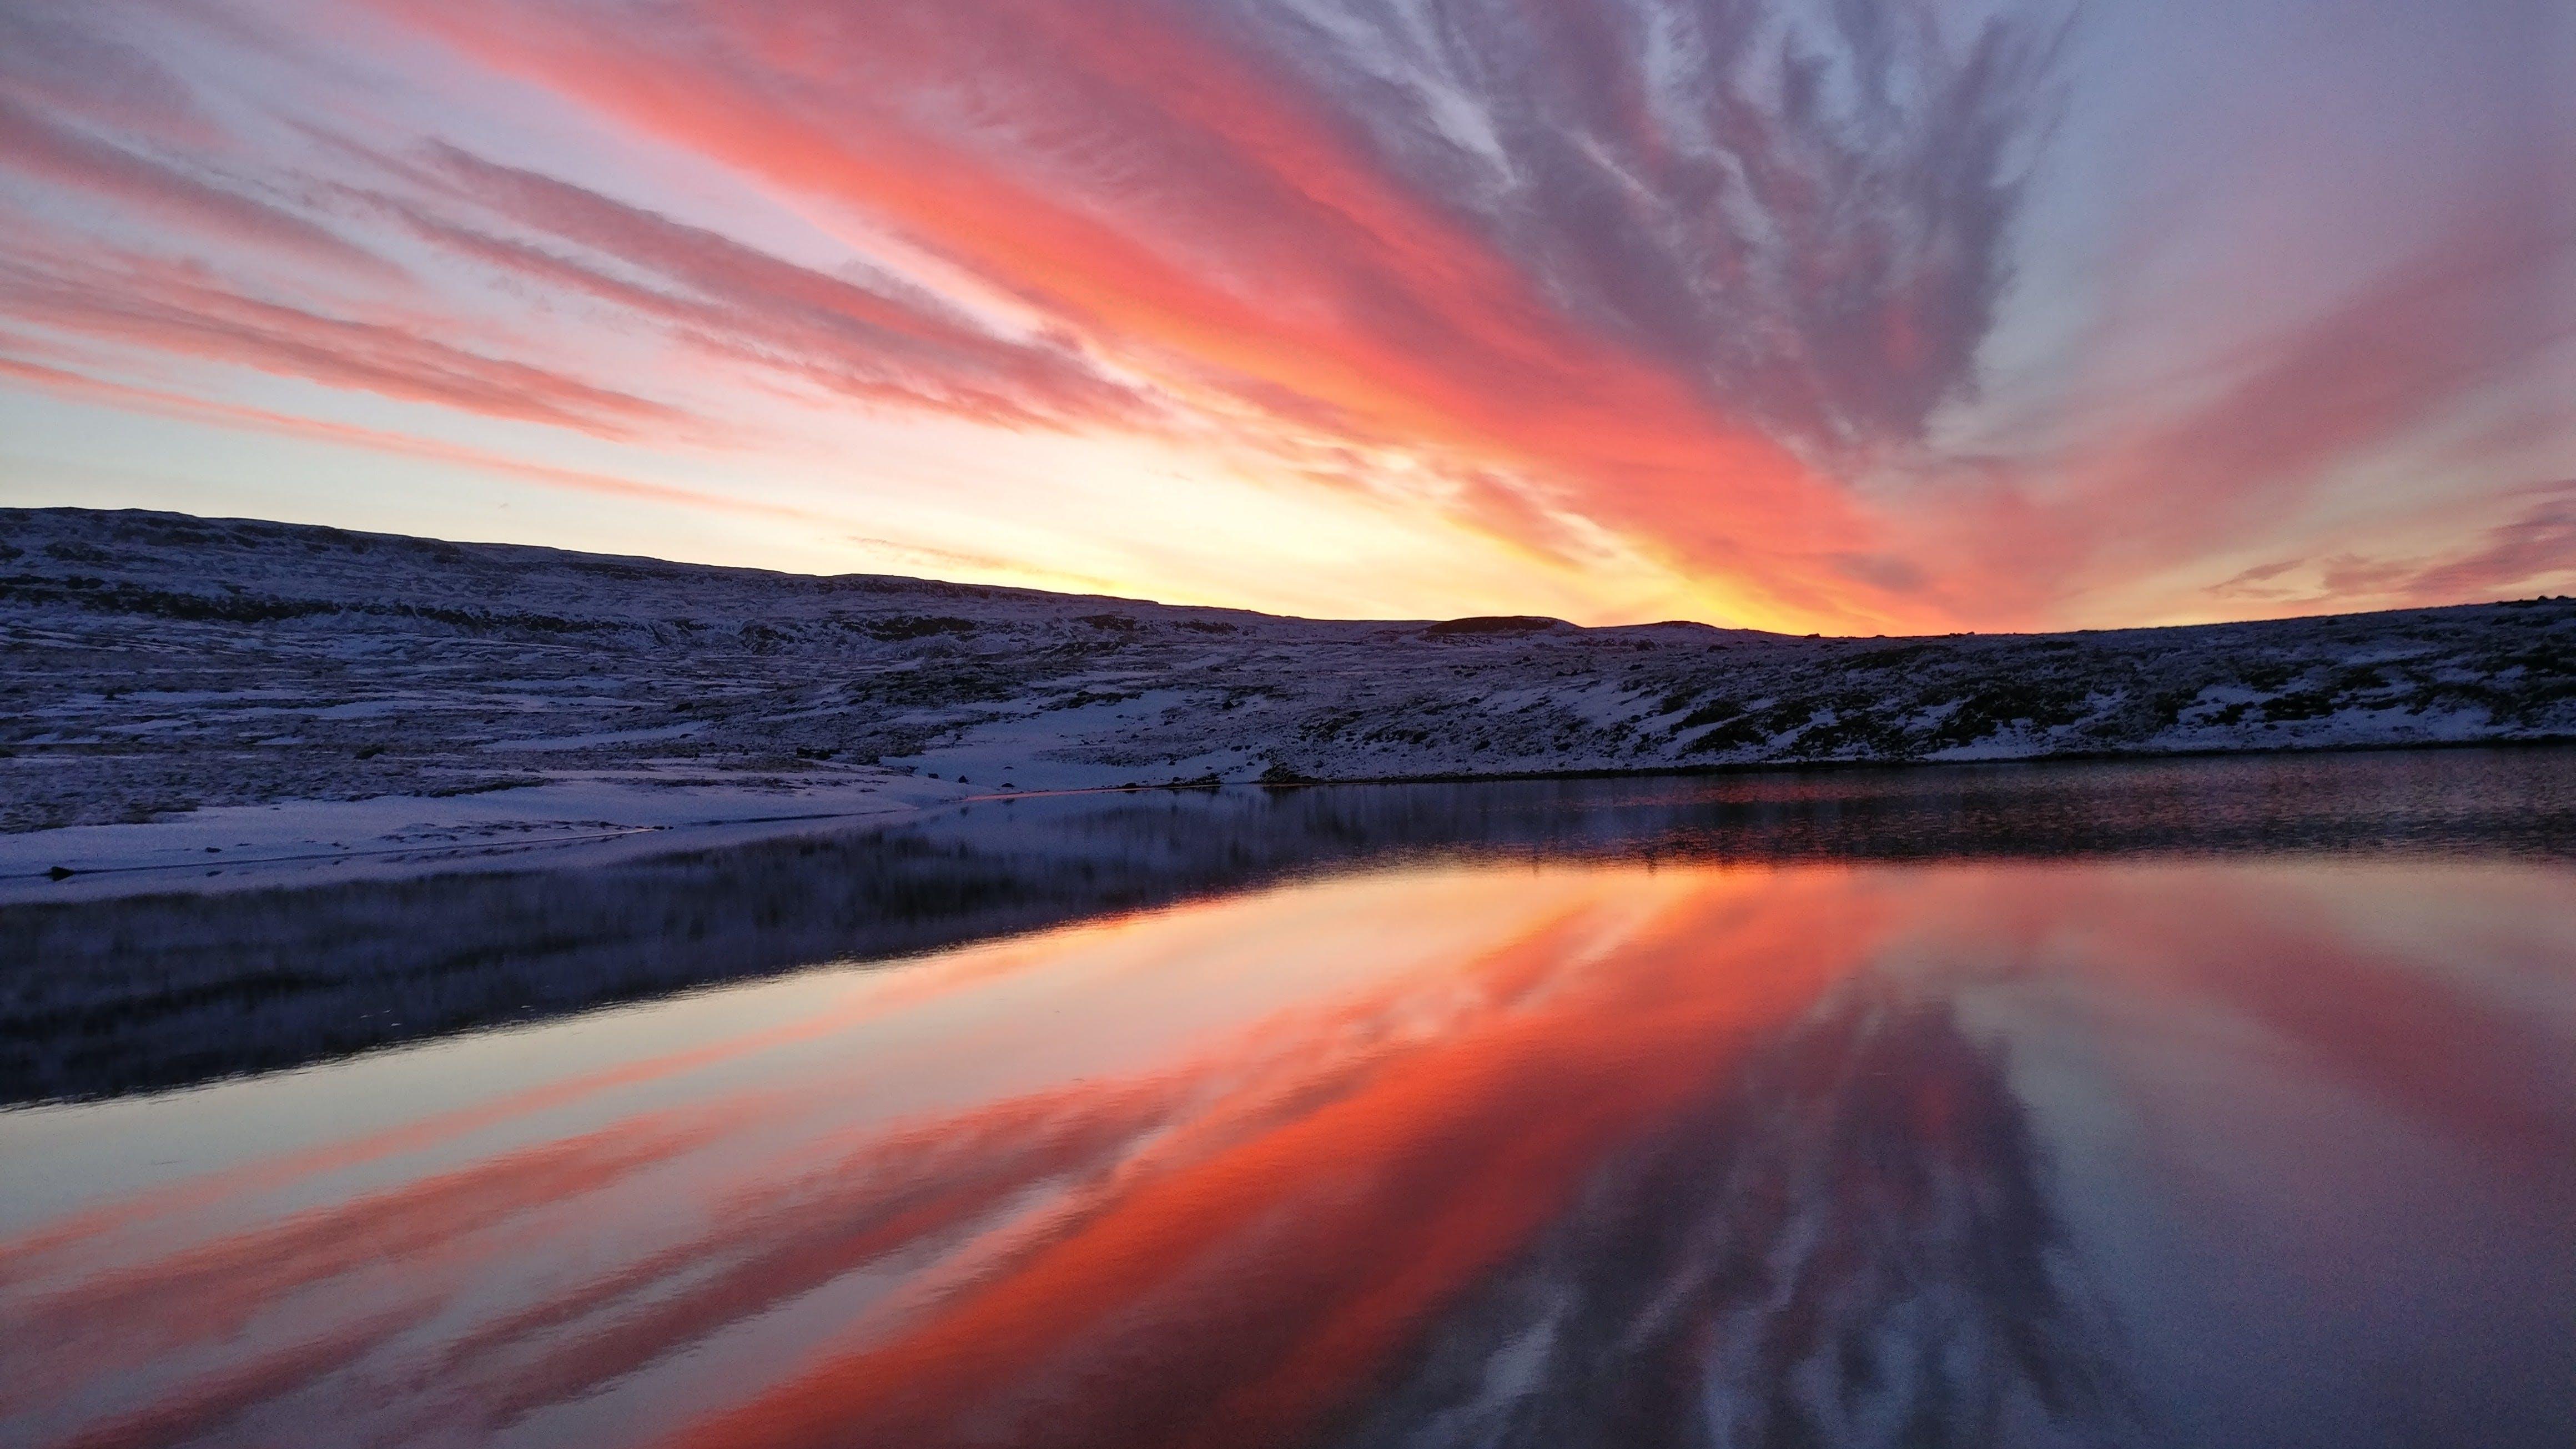 Ilmainen kuvapankkikuva tunnisteilla aamu, auringonlasku, heijastus, hiekkaranta